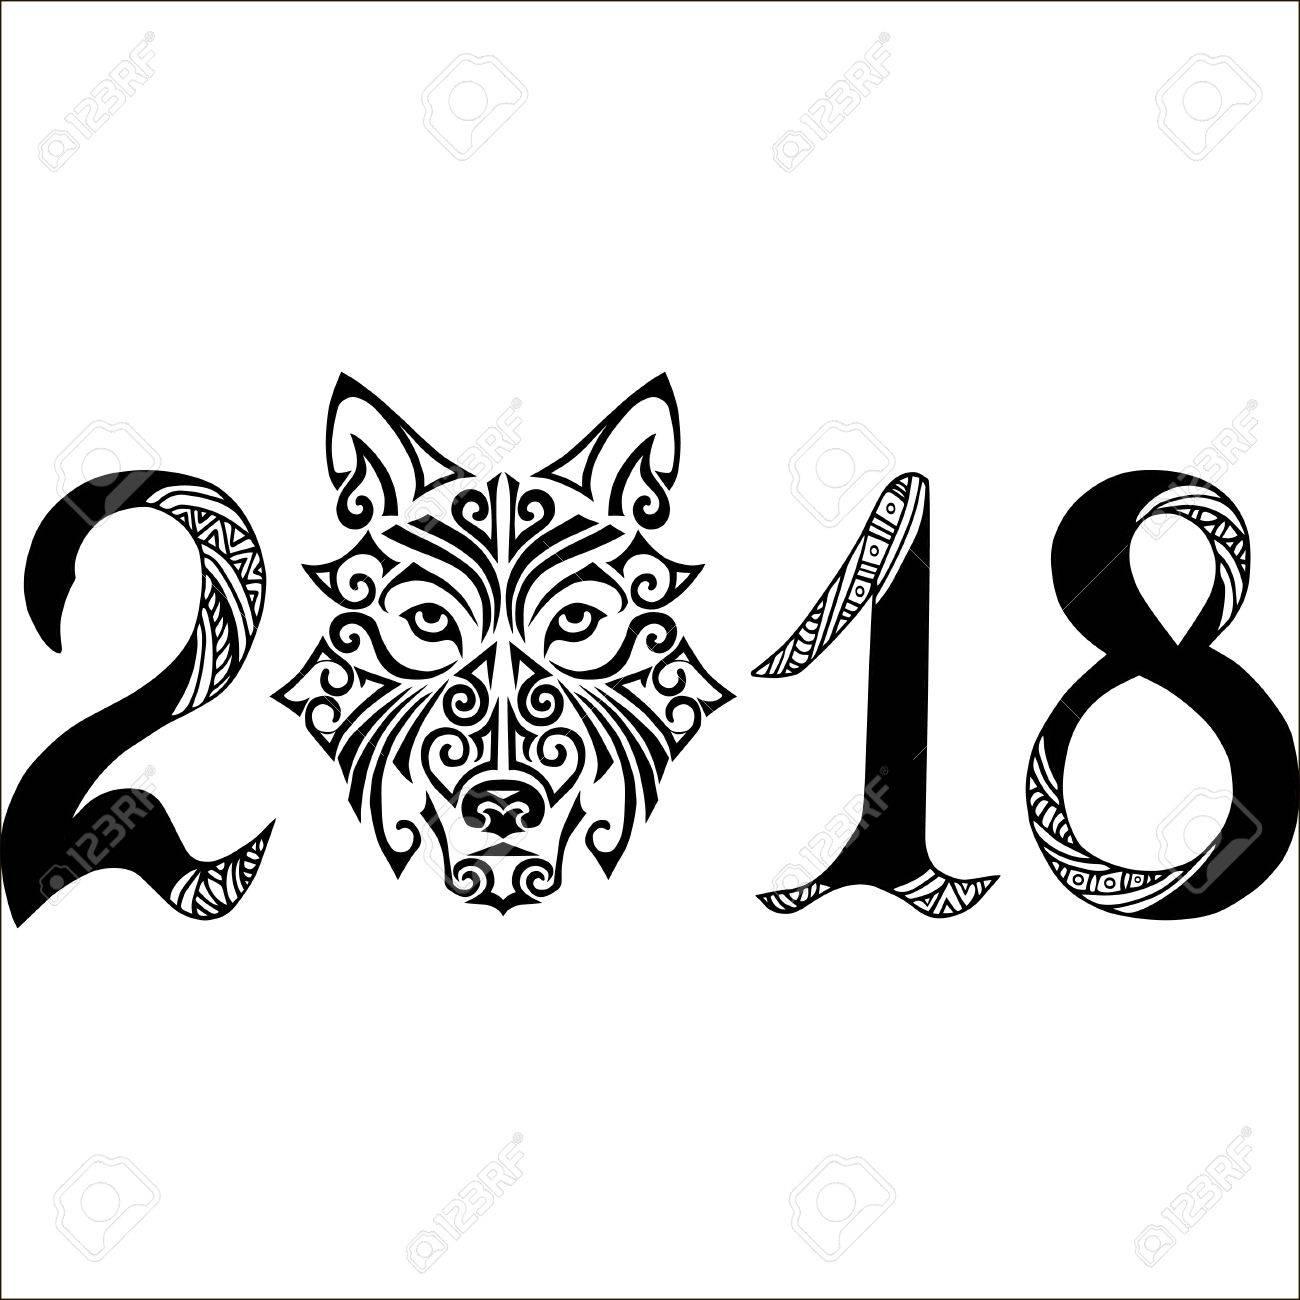 Signo Dibujado A Mano 2018 Con Cabeza De Perro Tatuaje Maor Cara